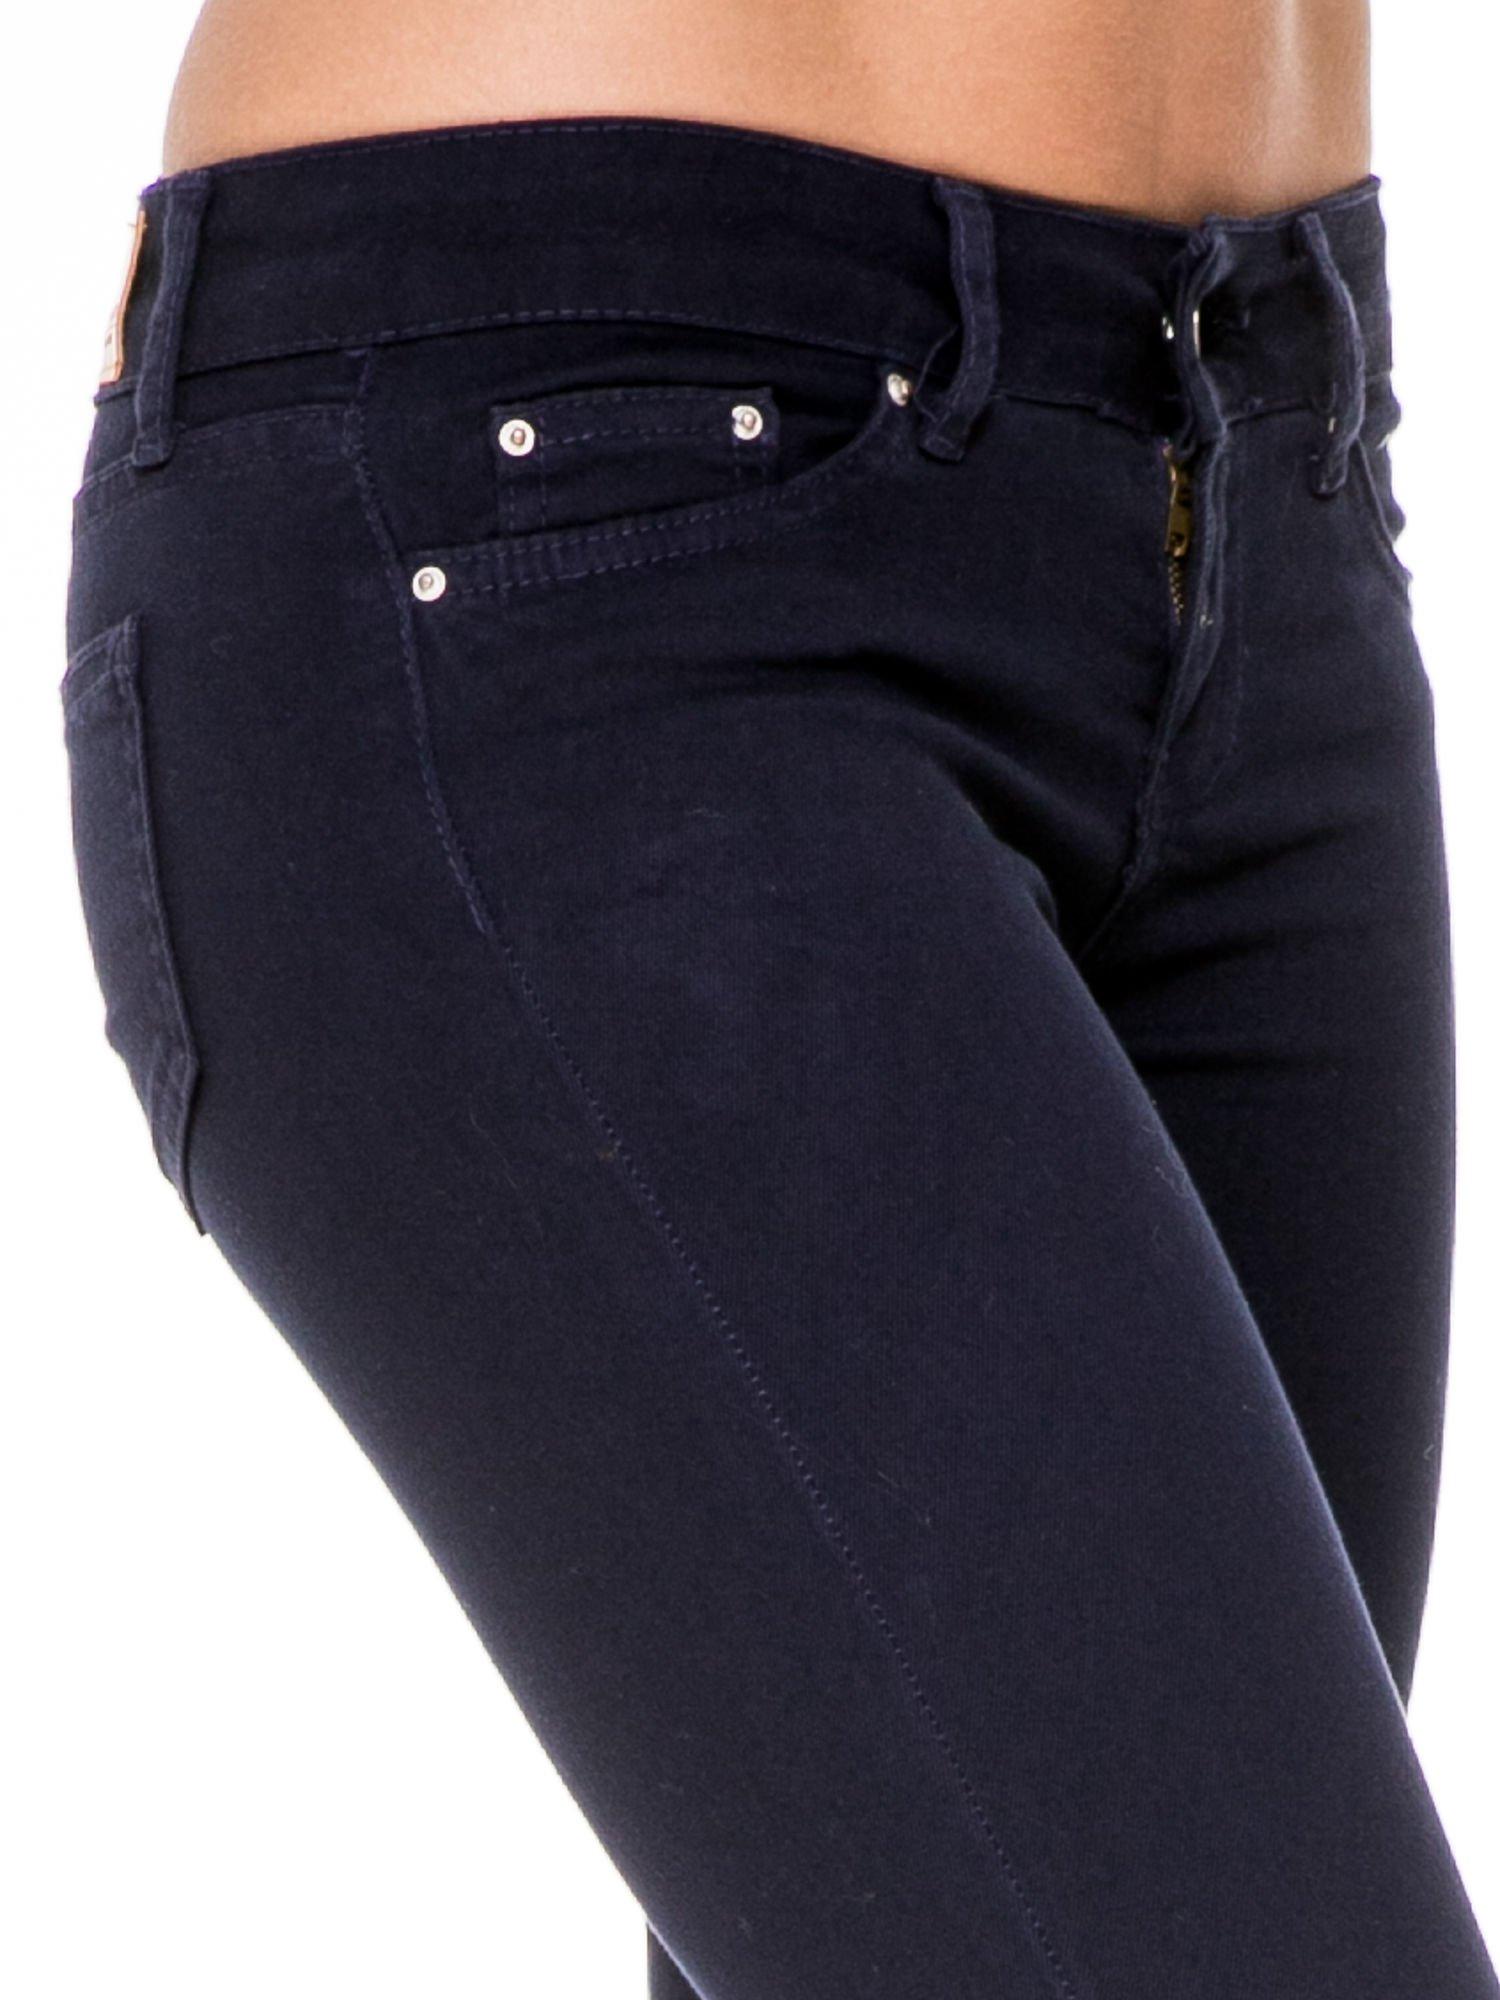 Granatowe spodnie typu skinny z elastycznego materiału                                  zdj.                                  5